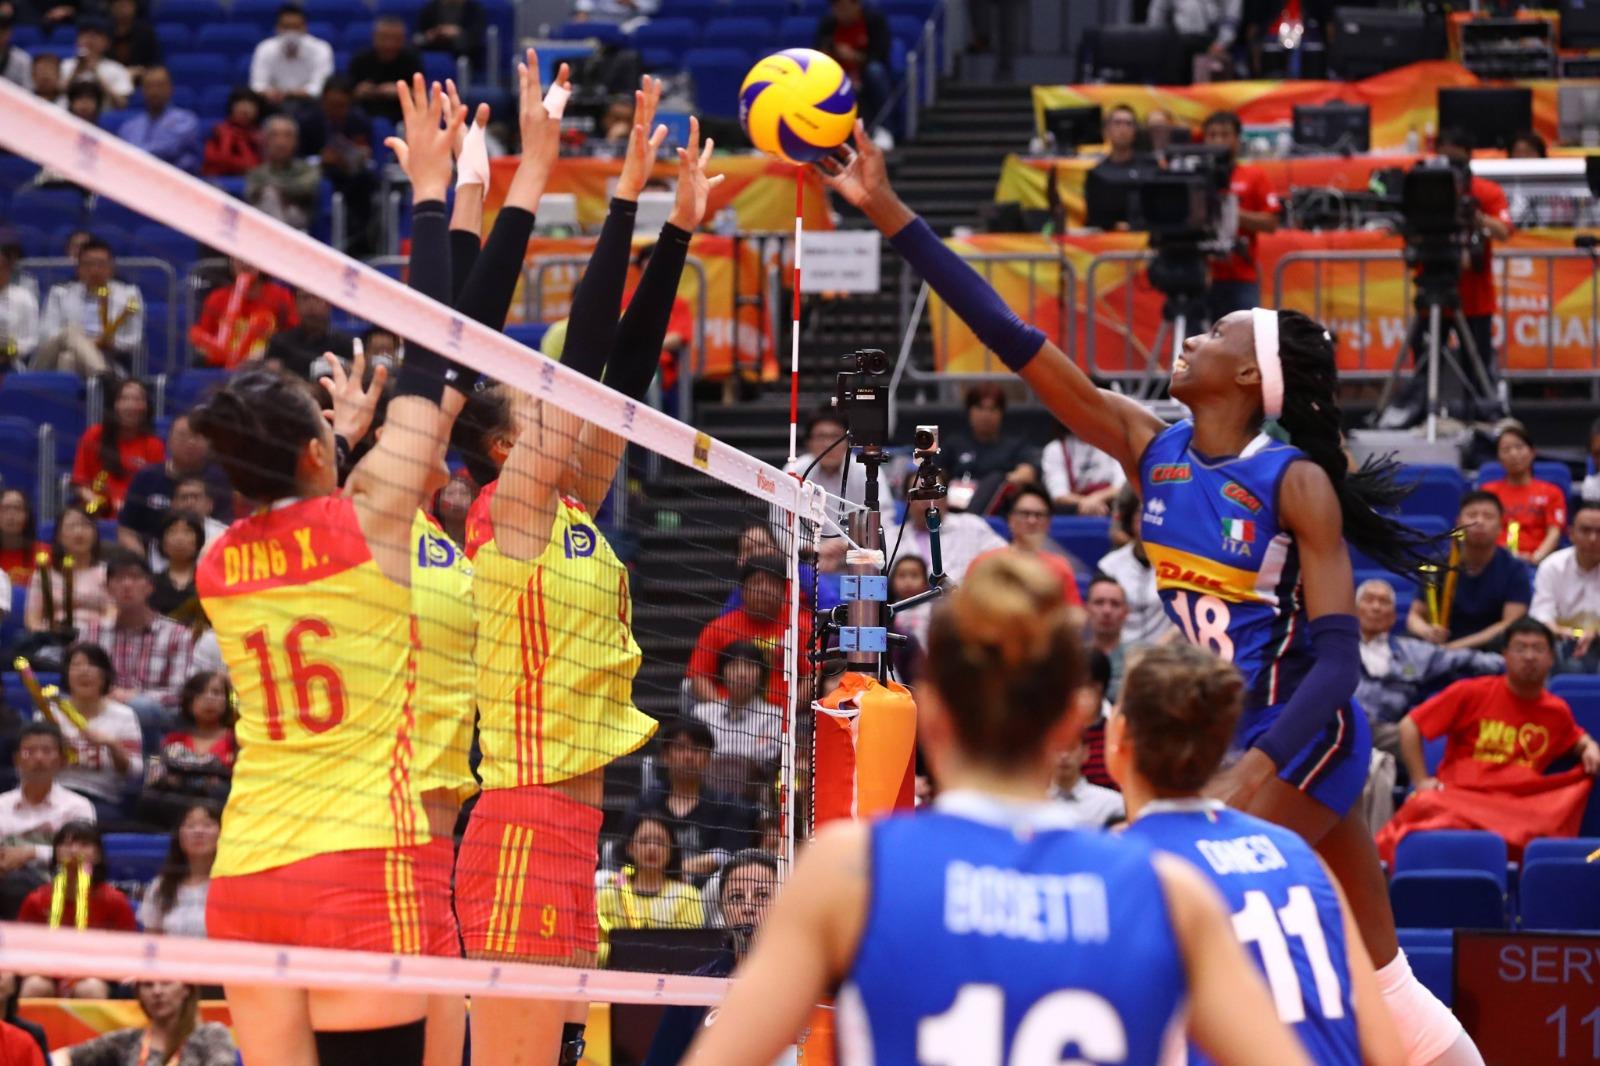 Mondiali Volley Maschile 2020 Calendario.Volley Olimpiadi Tokyo 2020 A Catania Il Girone Di